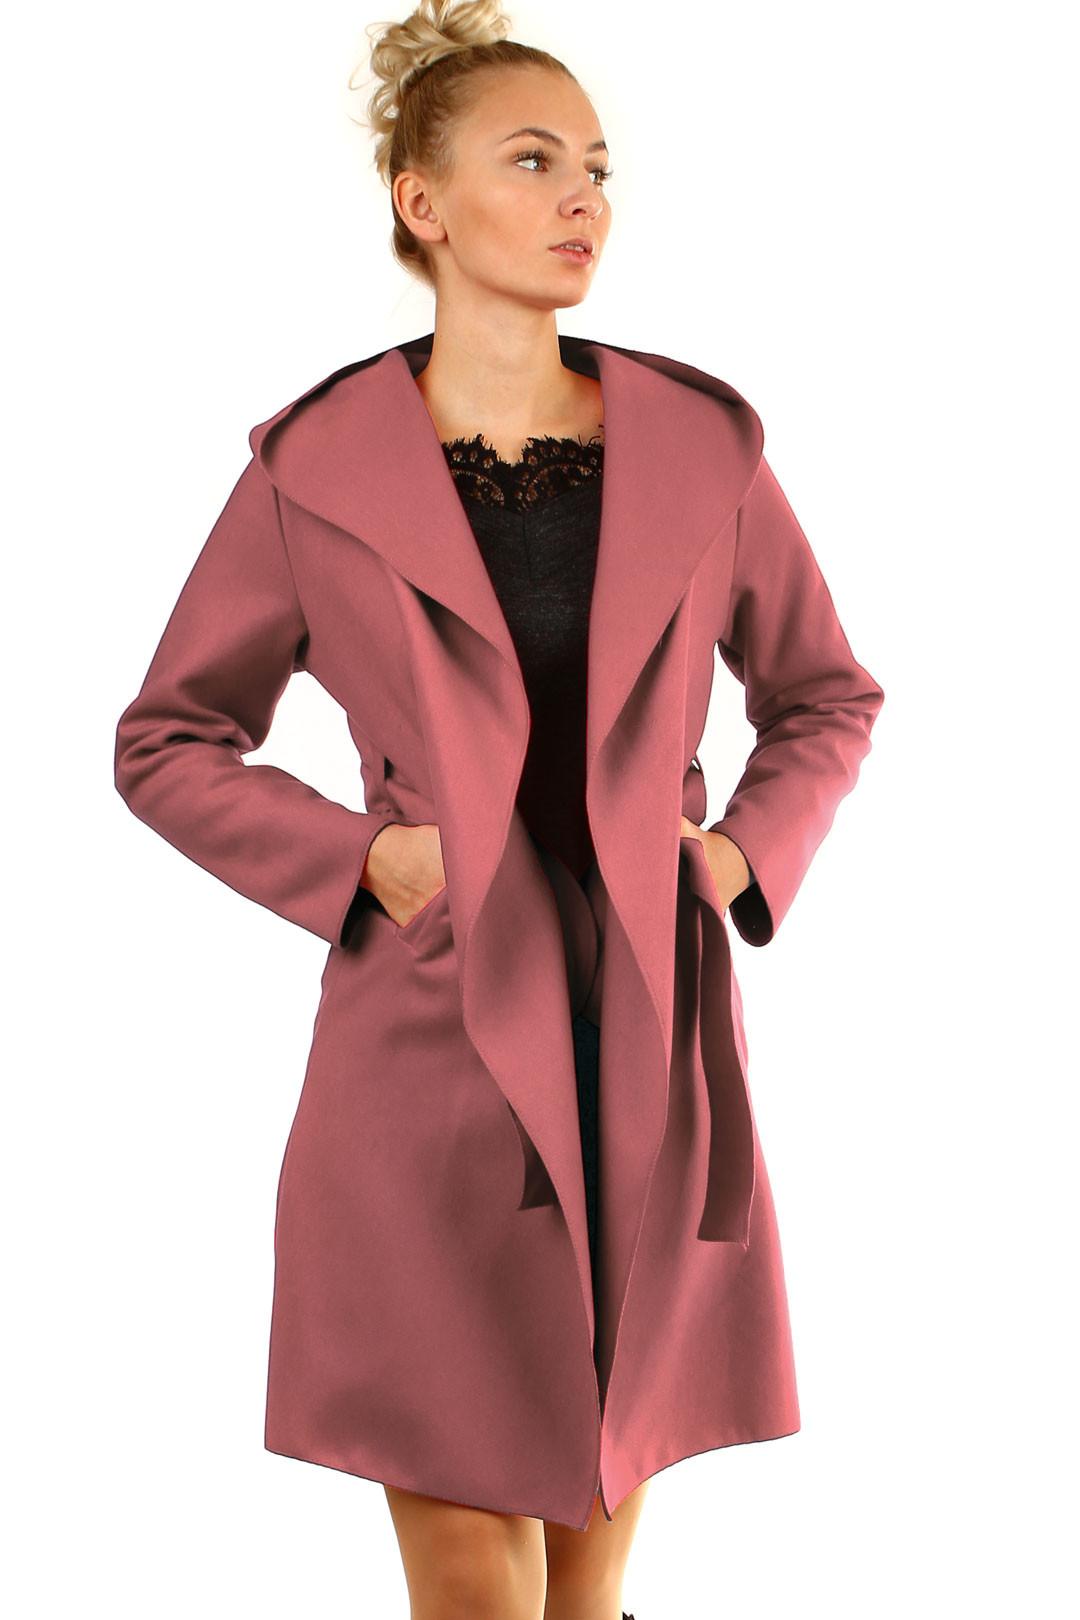 Glara Delší dámský kabát s kapucí 719097